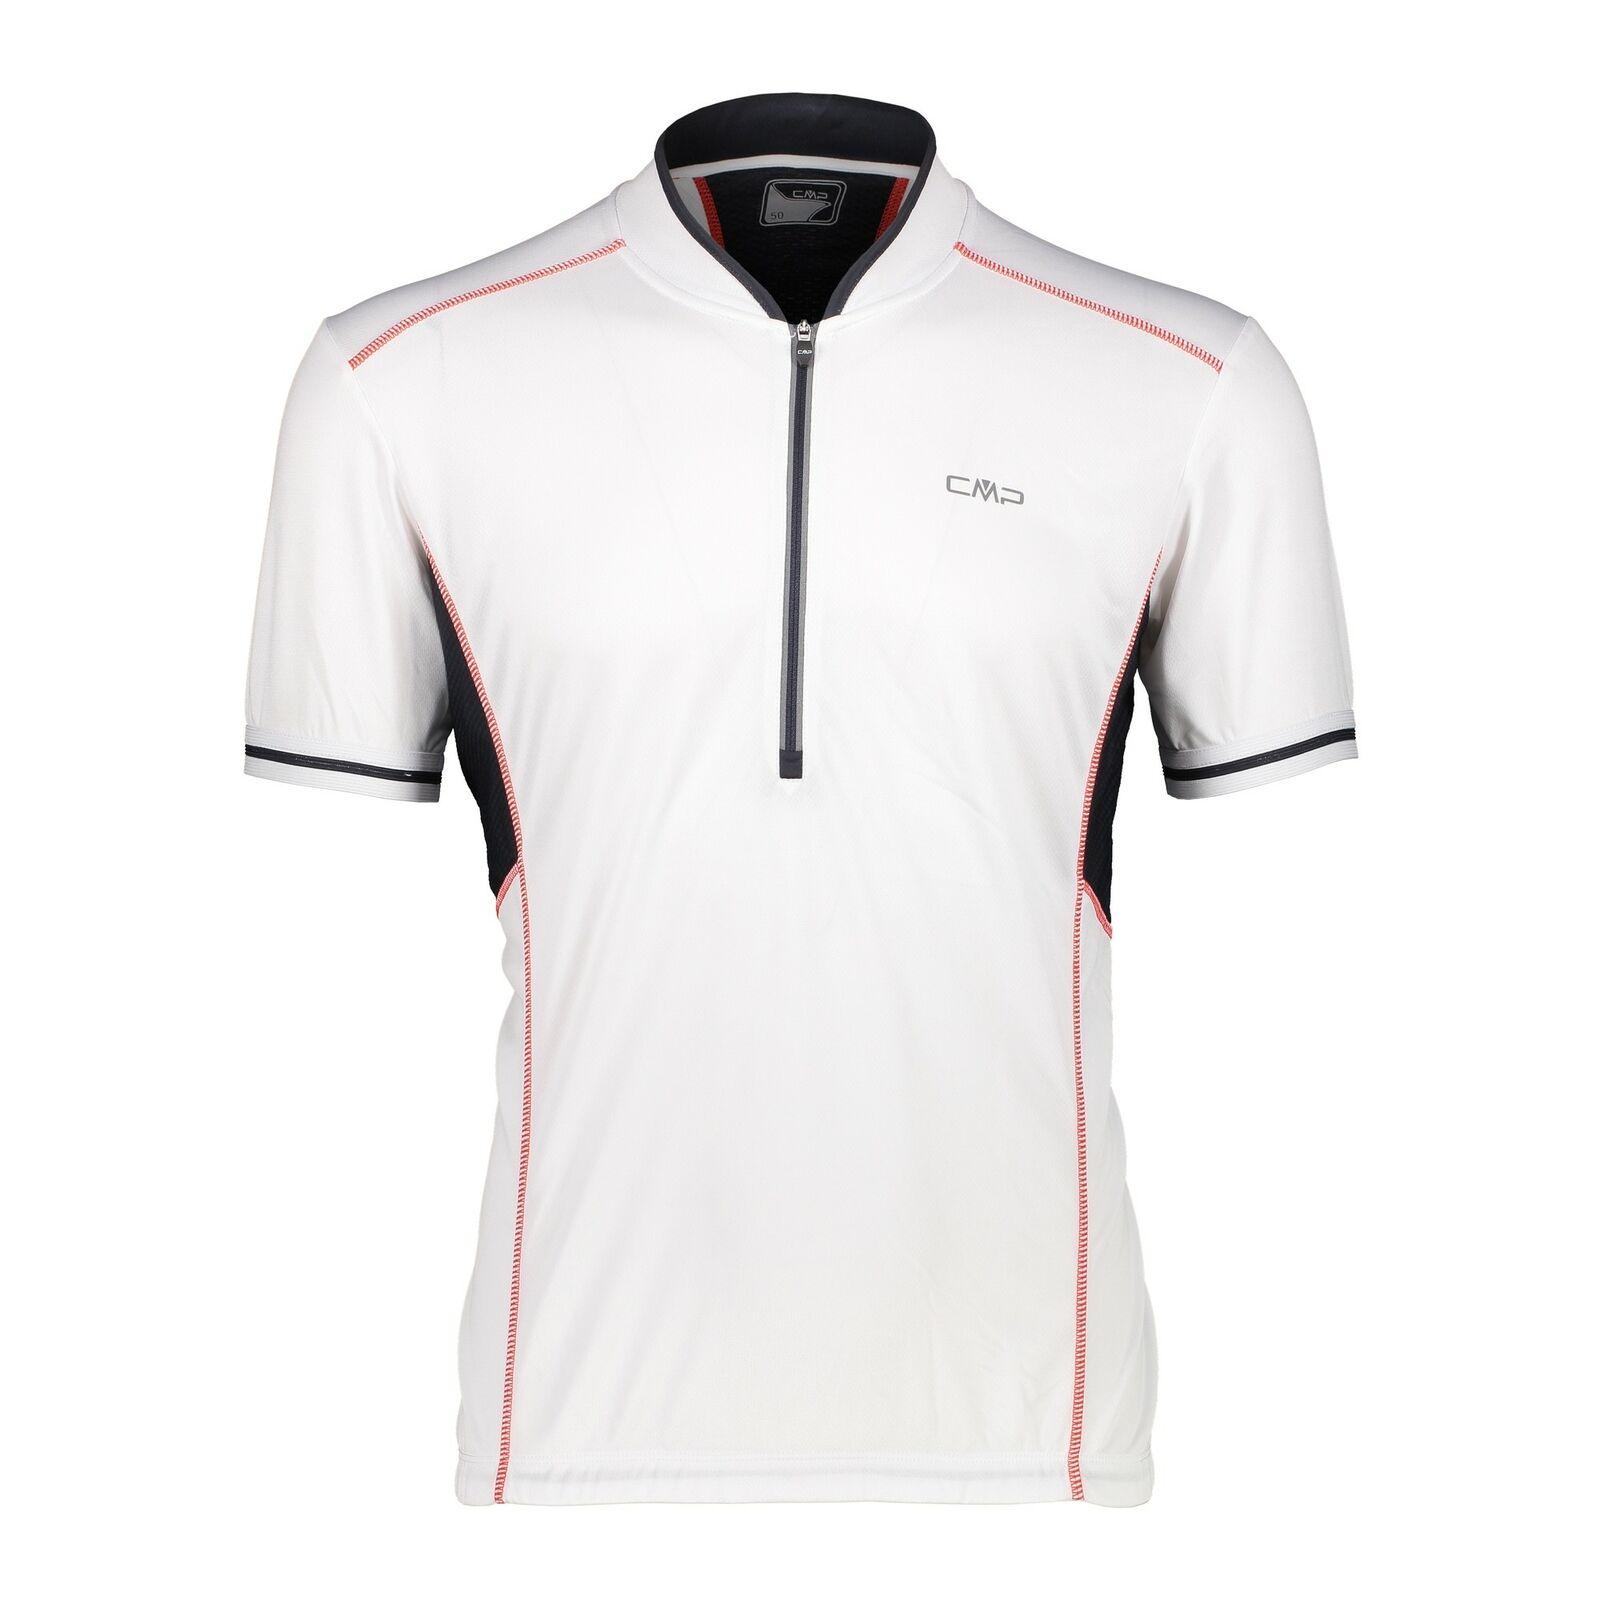 CMP Jersey Man Bicicleta Camiseta whitea Transpirable Secado Rápido